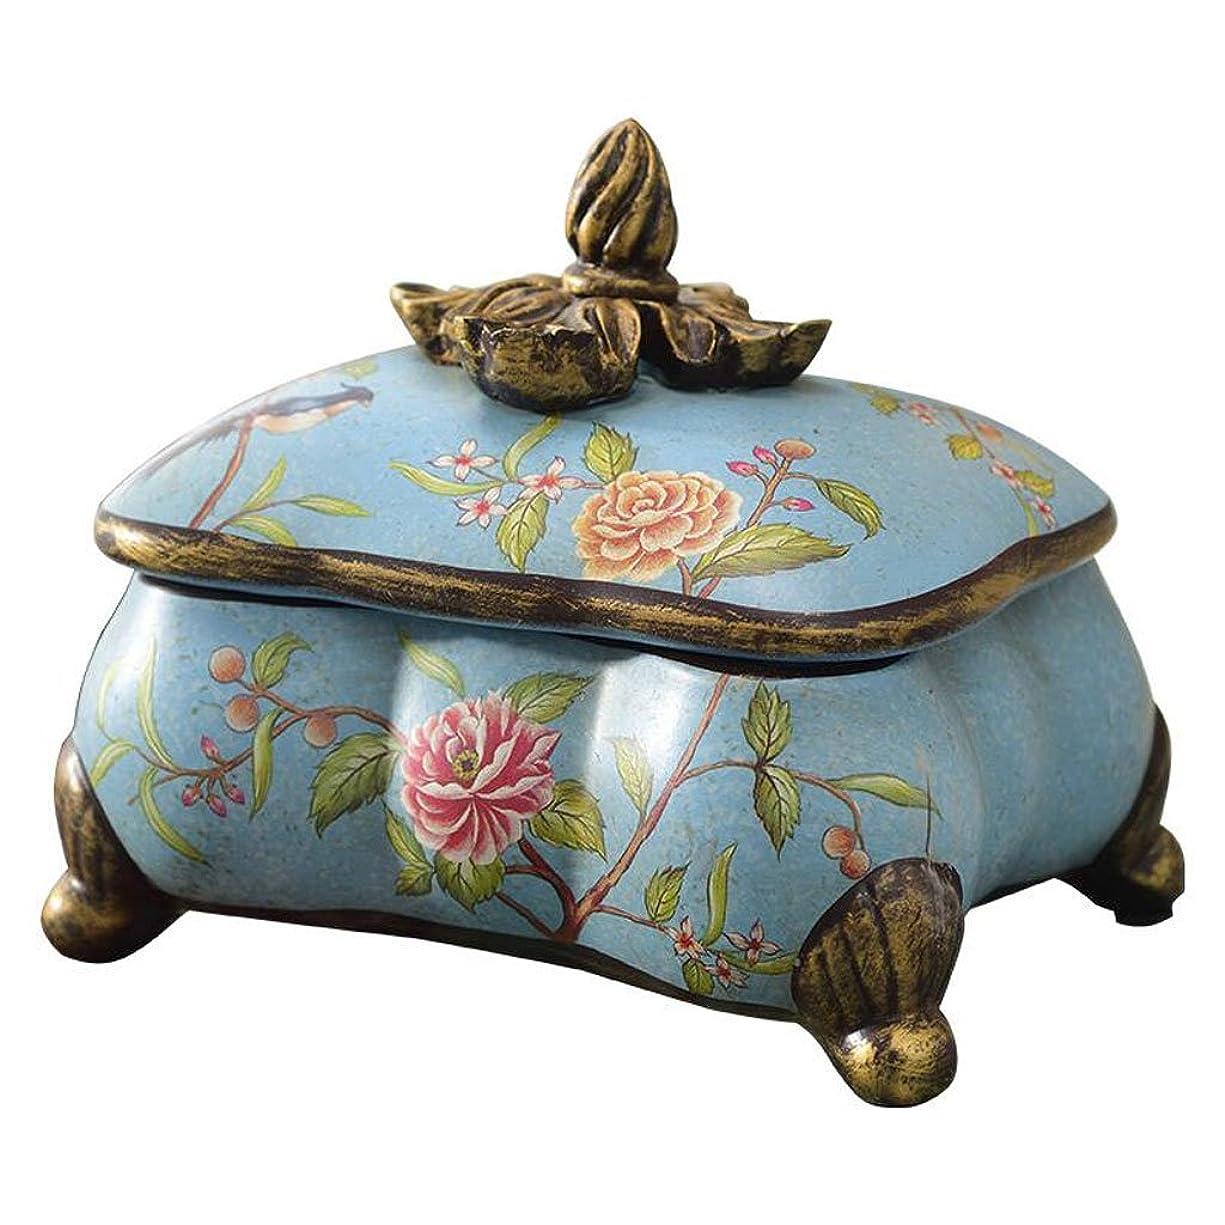 アプライアンス大学院散文GWM ヨーロッパのレトロ創造的な工芸品ホーム陶器の装飾装飾ジュエリー収納ボックス